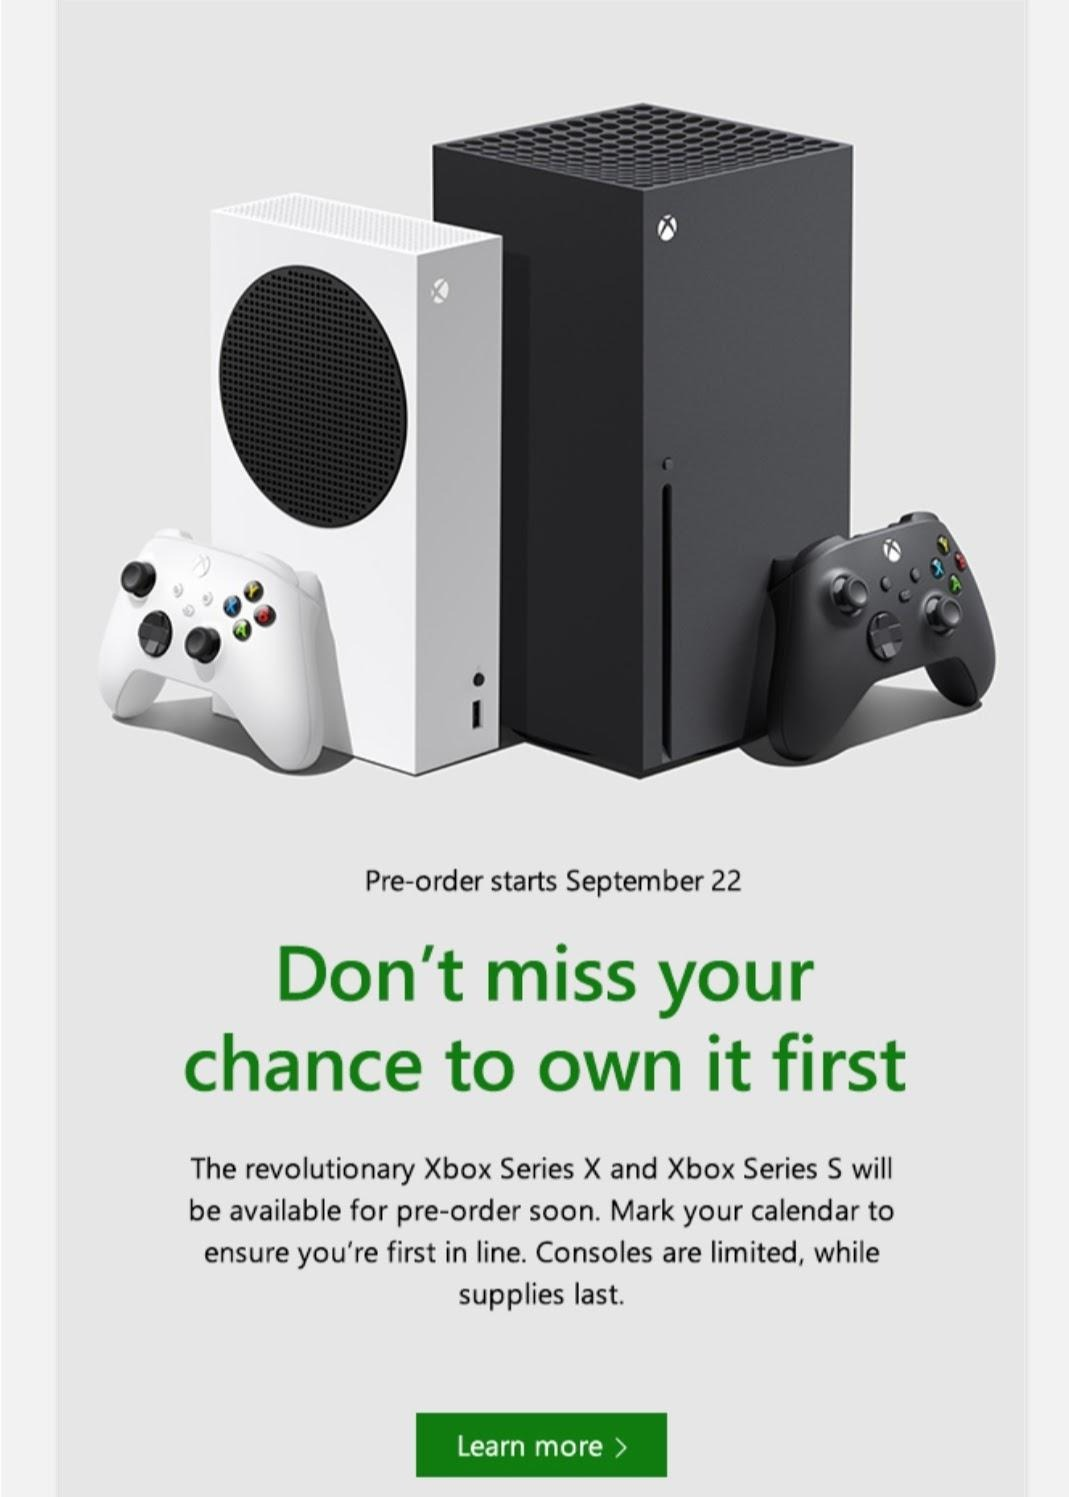 新一代Xbox游戏机的预购数量将是有限的